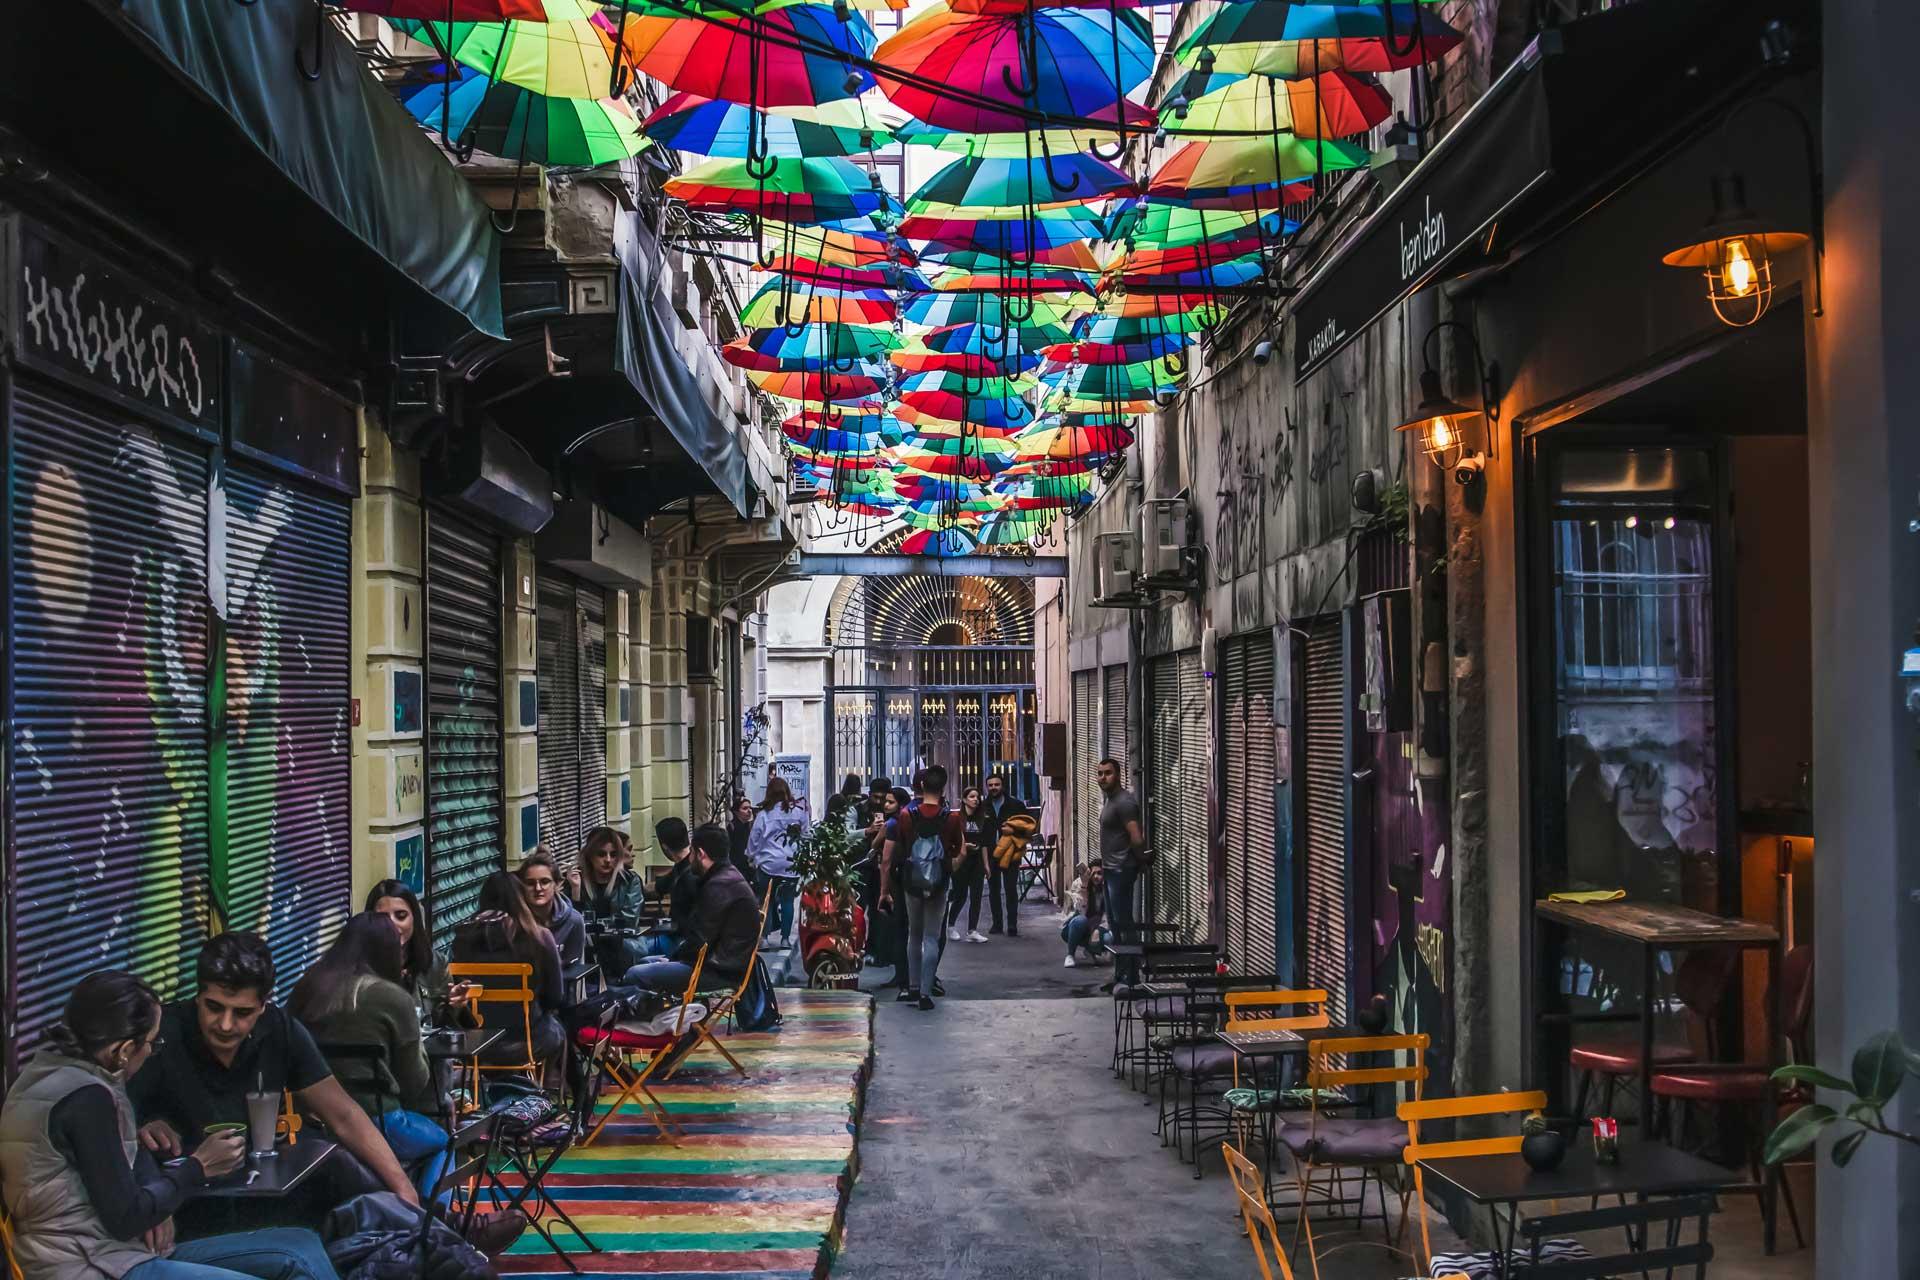 Karaköy insanlar ve Model fotoğrafları  İstanbul Fotoğrafları Çekergezer Hakan Aydın Fotoğrafları www.cekergezer.com